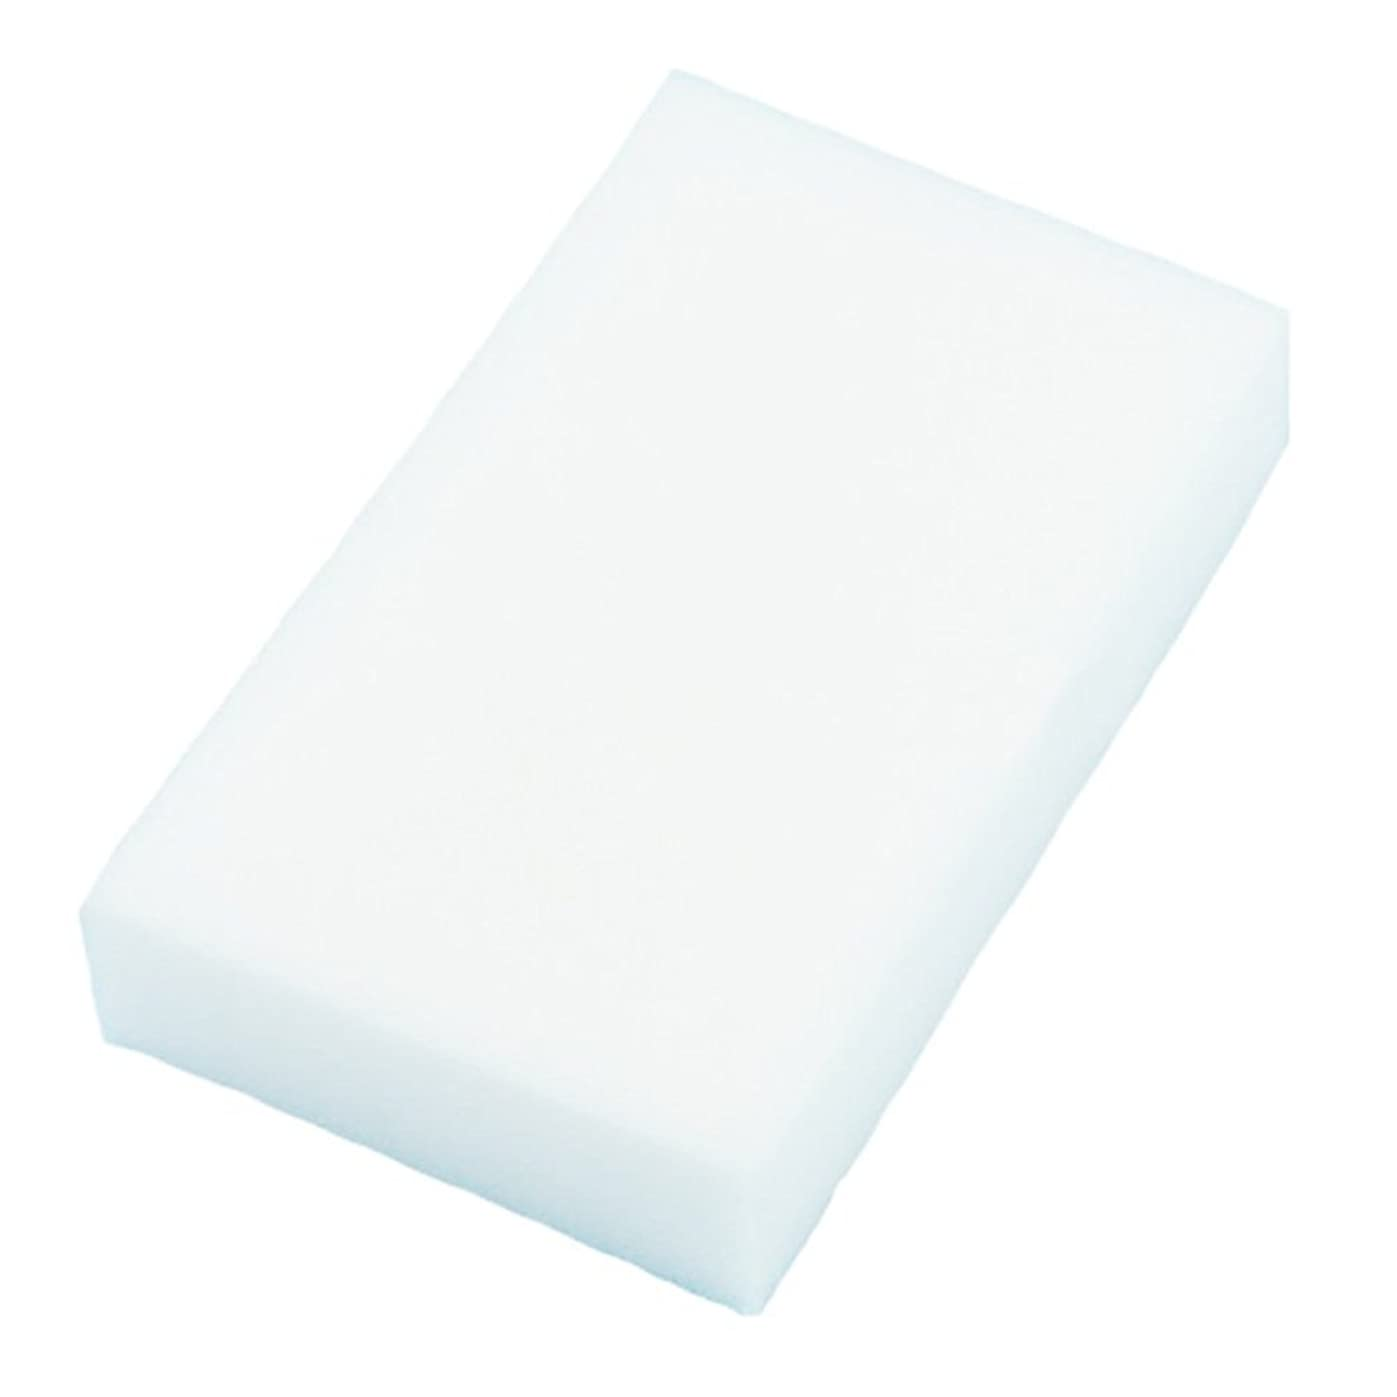 アシュリータファーマンセイはさておき溢れんばかりのACAMPTAR 20xマジックマルチスポンジ クリーンフォームクリーナー クレンジング消しゴム 洗車キッチン 10cmX6cmX2cm(白)